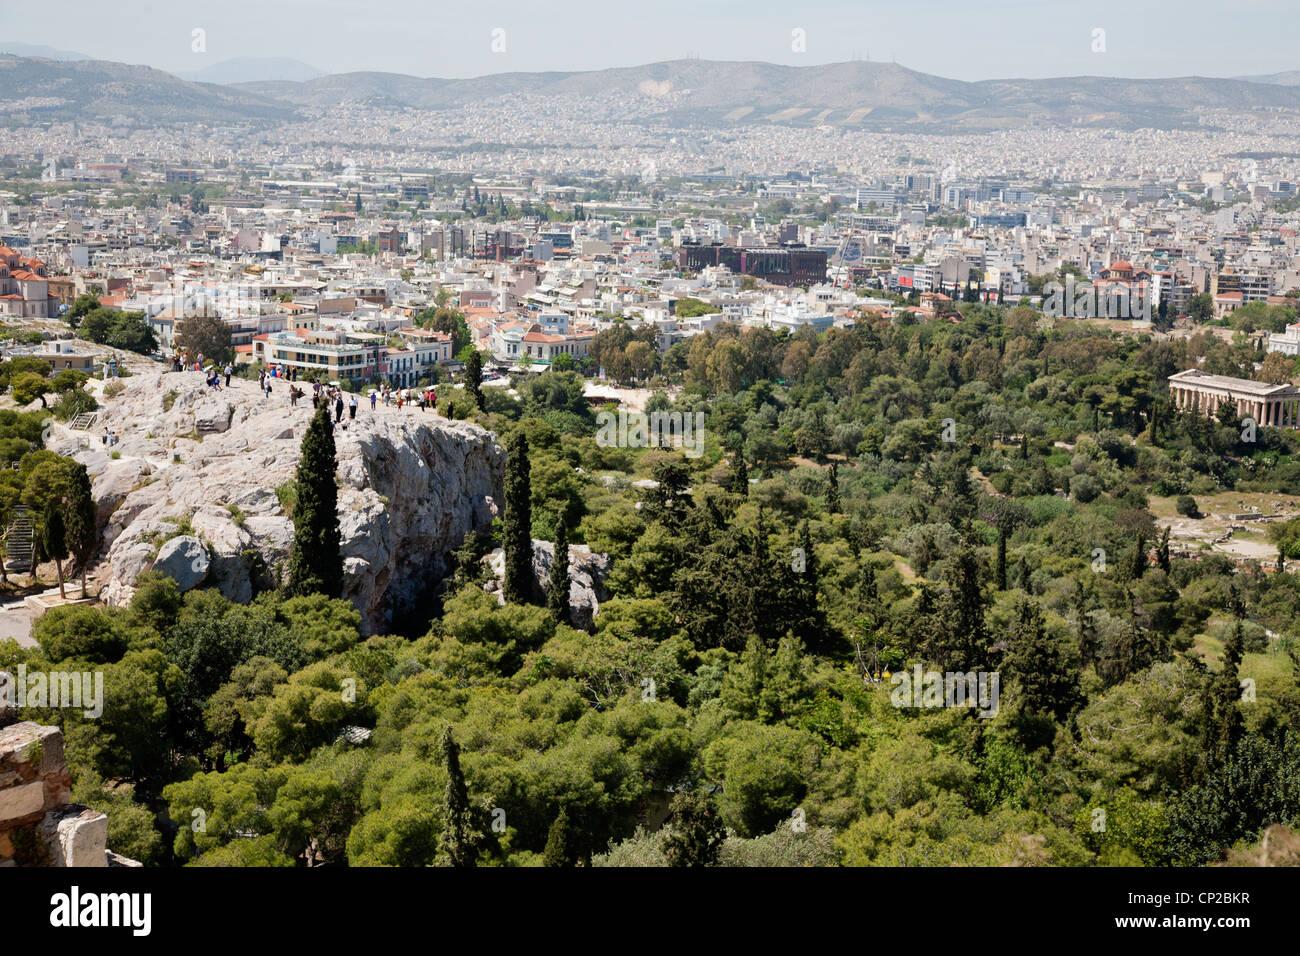 L'Aréopage Hill et le Temple d'Héphaïstos, vue de l'Acropole. Athènes, Grèce. Photo Stock